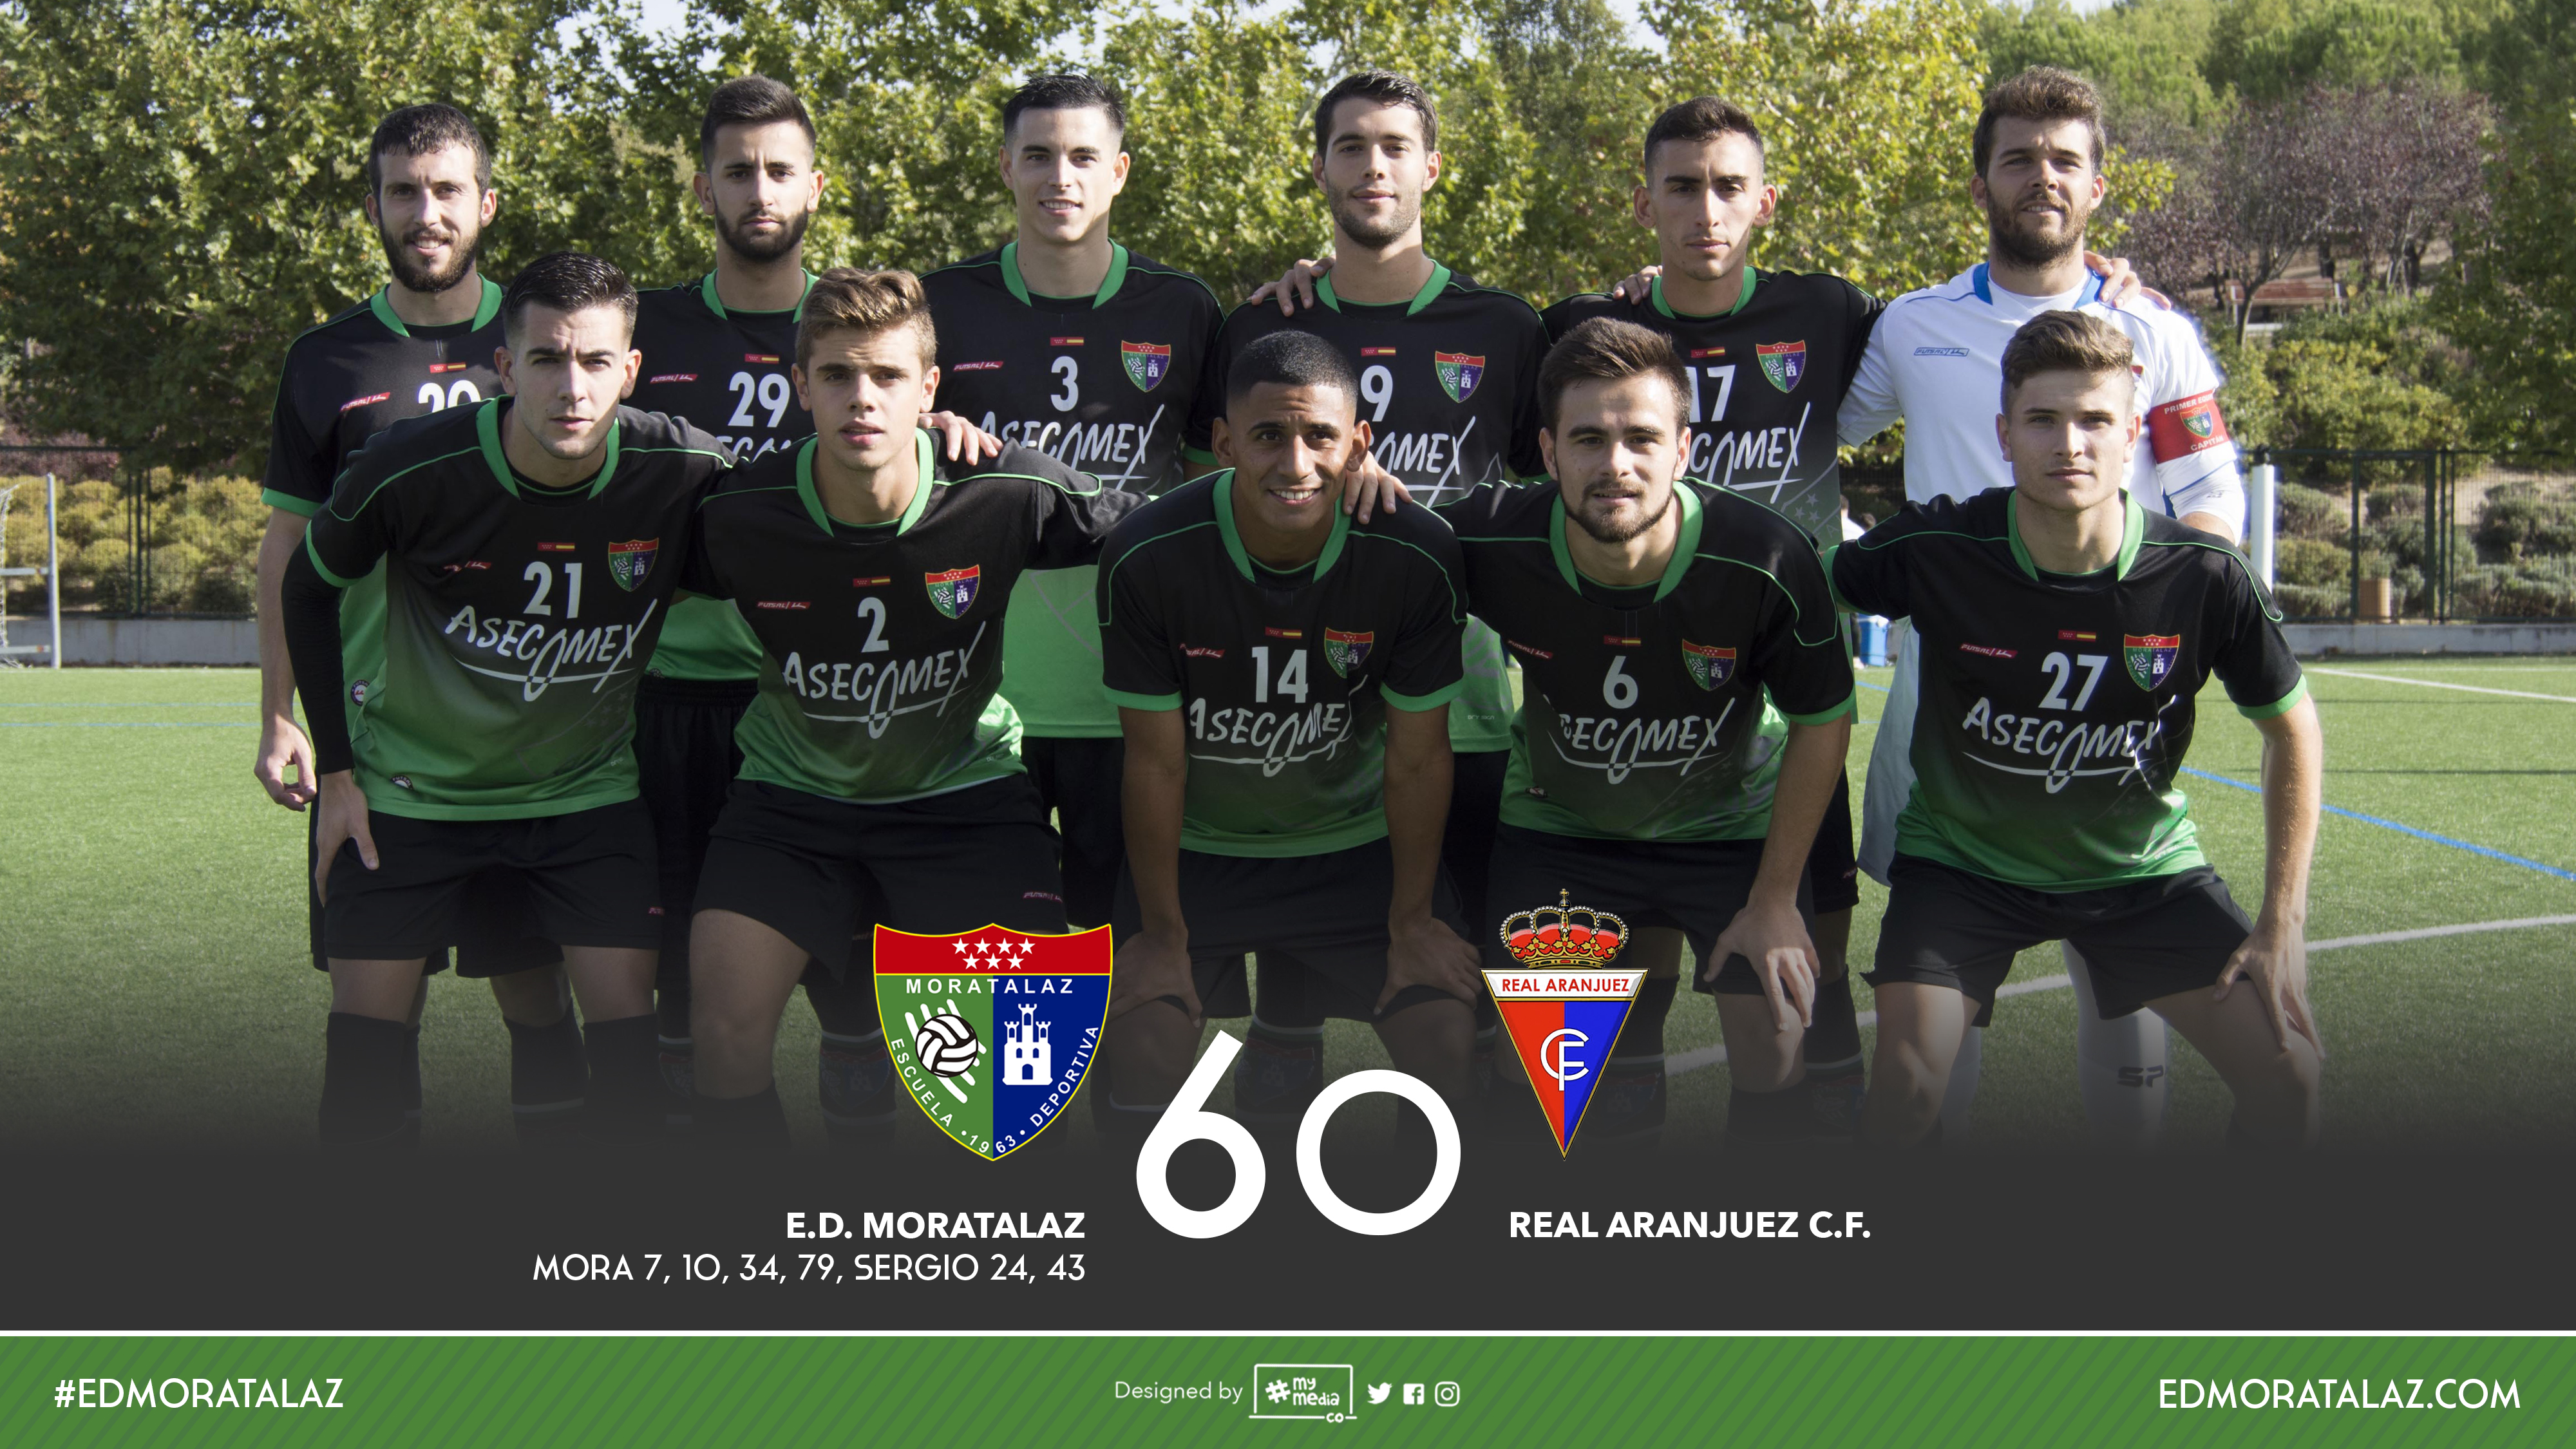 Fotos y vídeo resumen del partido Primer Equipo 6-0 Real Aranjuez C